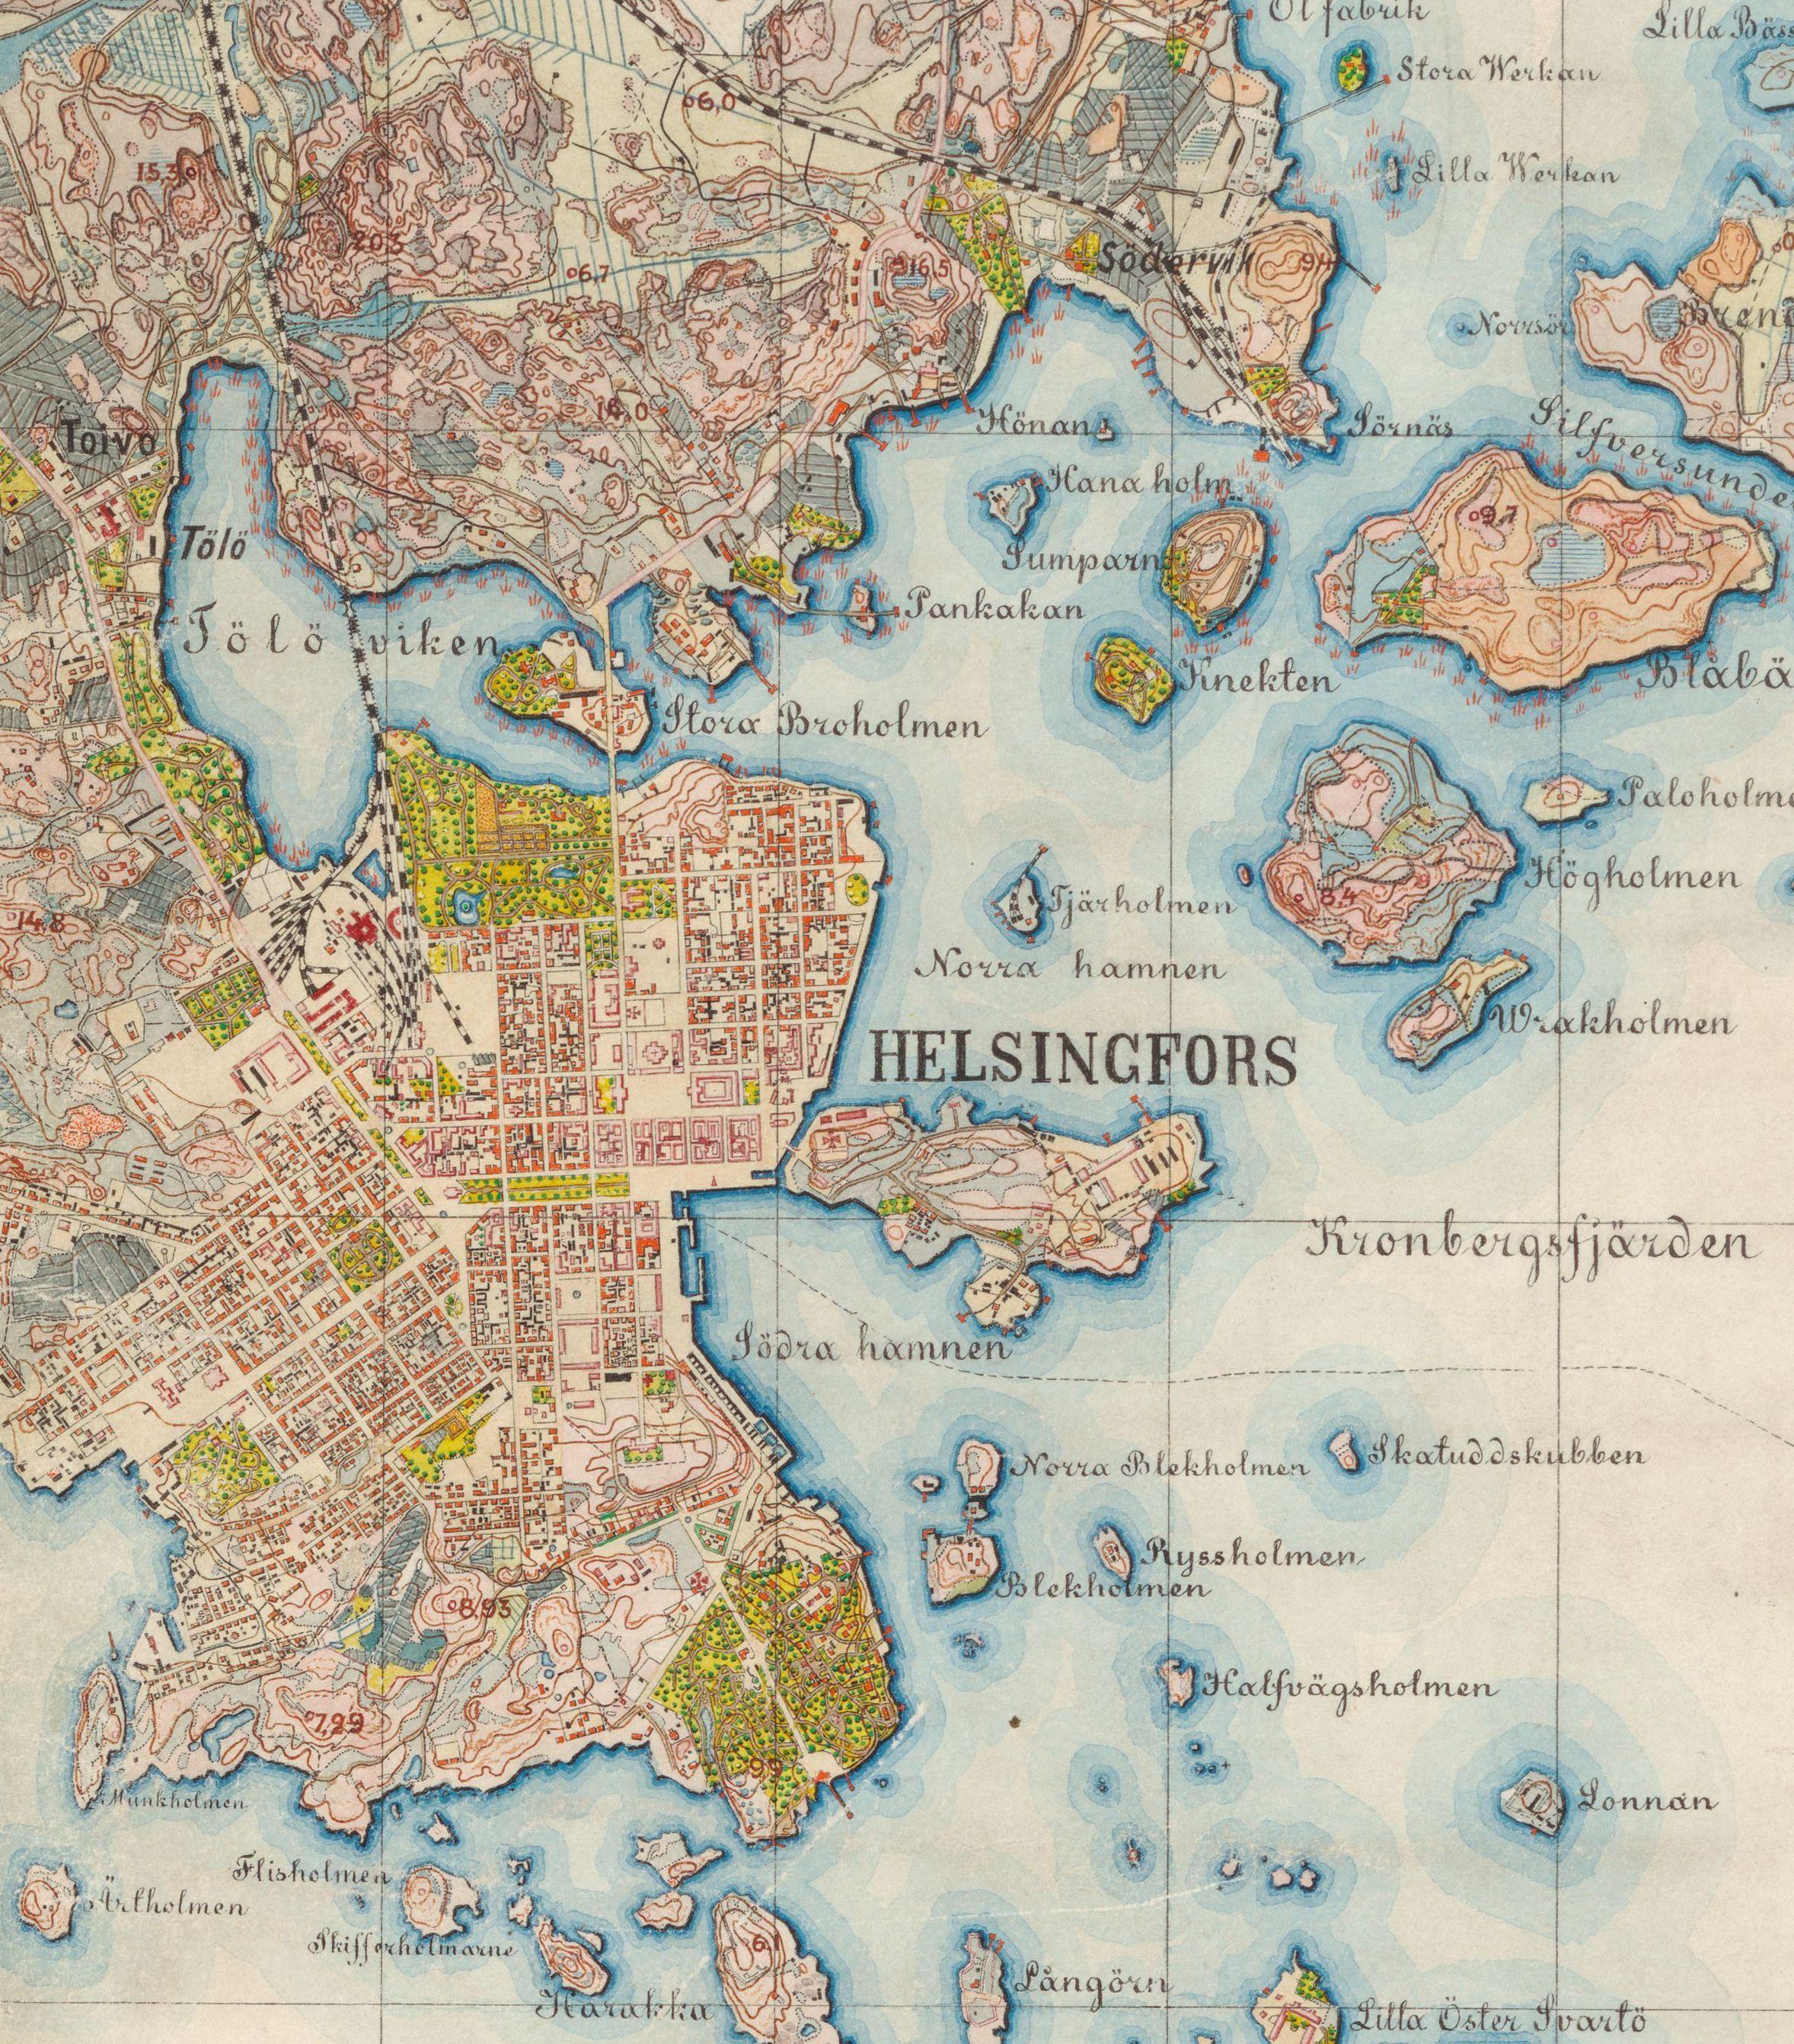 Helsinki 1872 73 Keskustaa Histdoc Net Helsinki